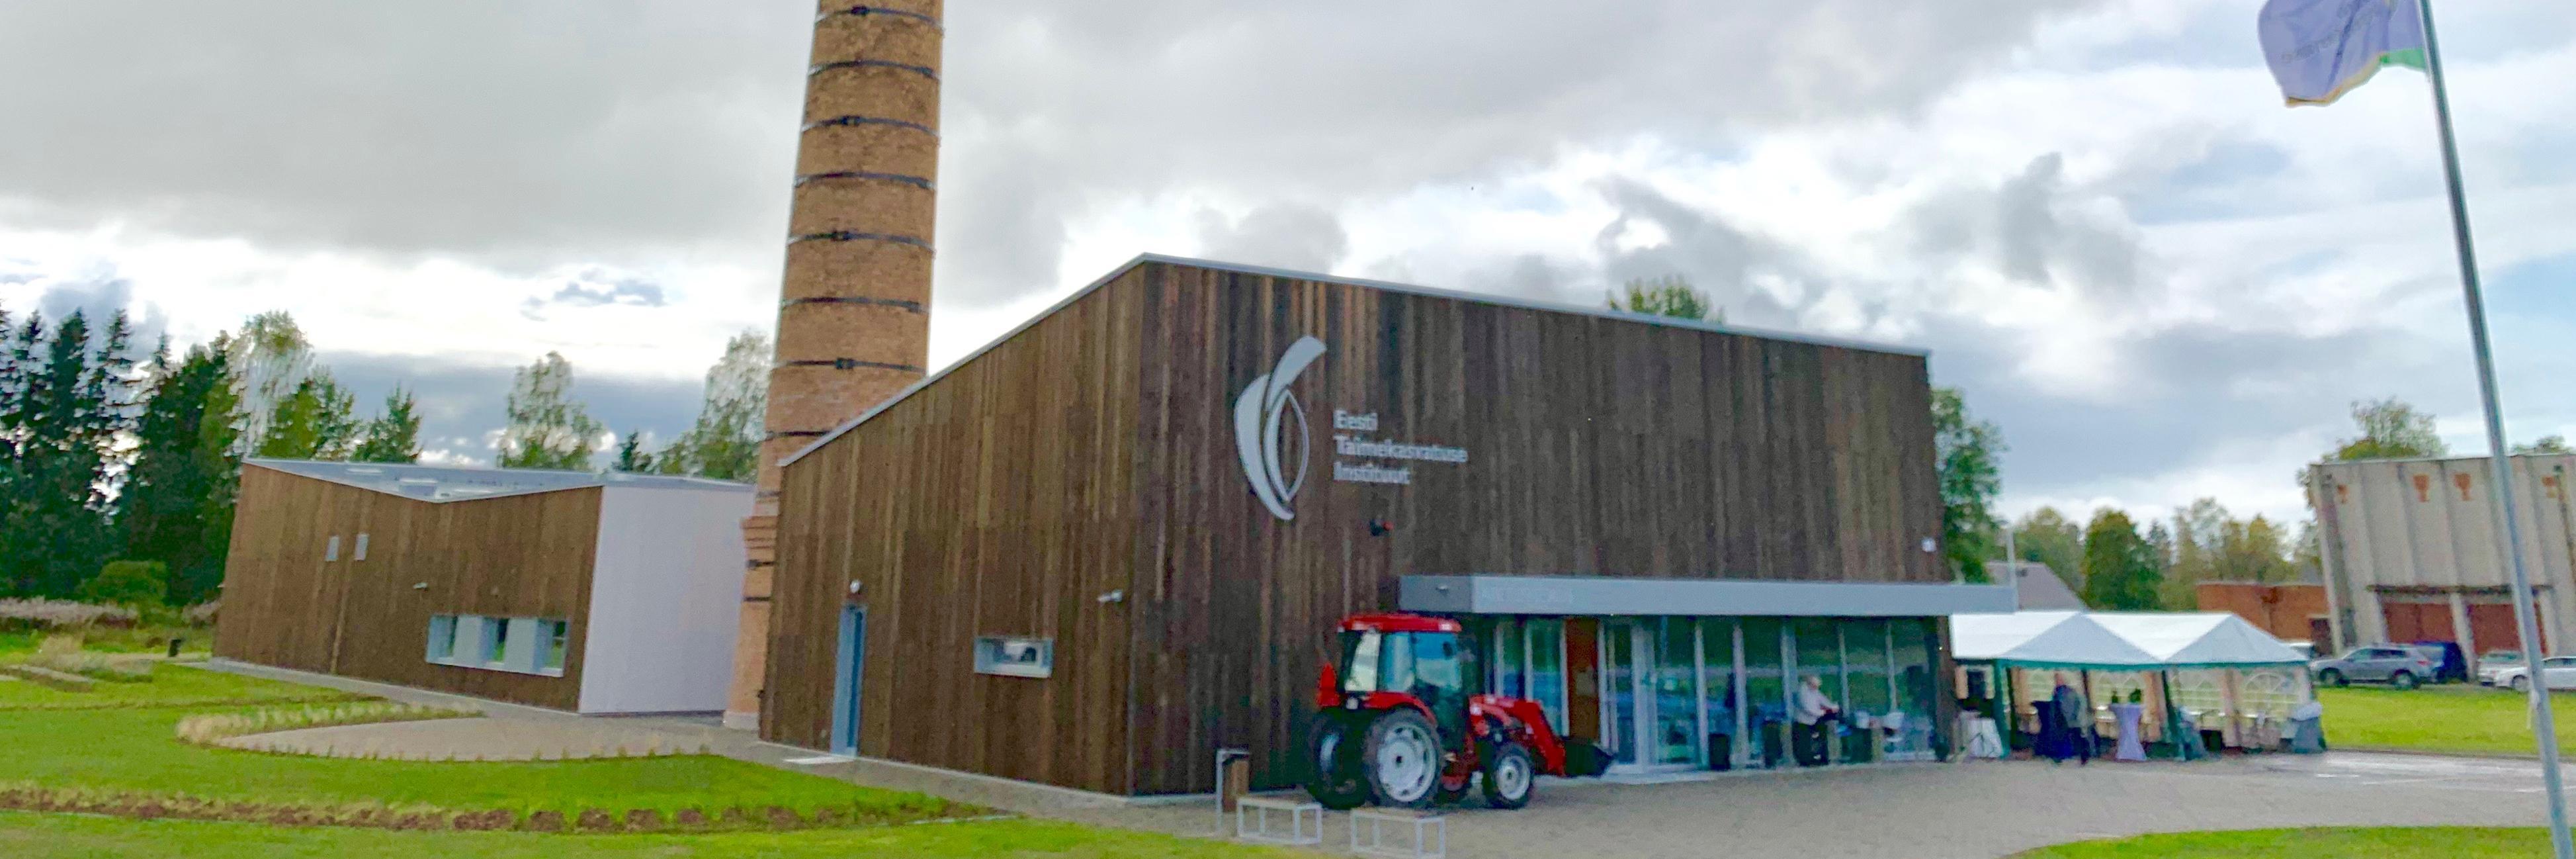 Eesti Taimekasvatuse Instituudi teraviljade aretuskeskus